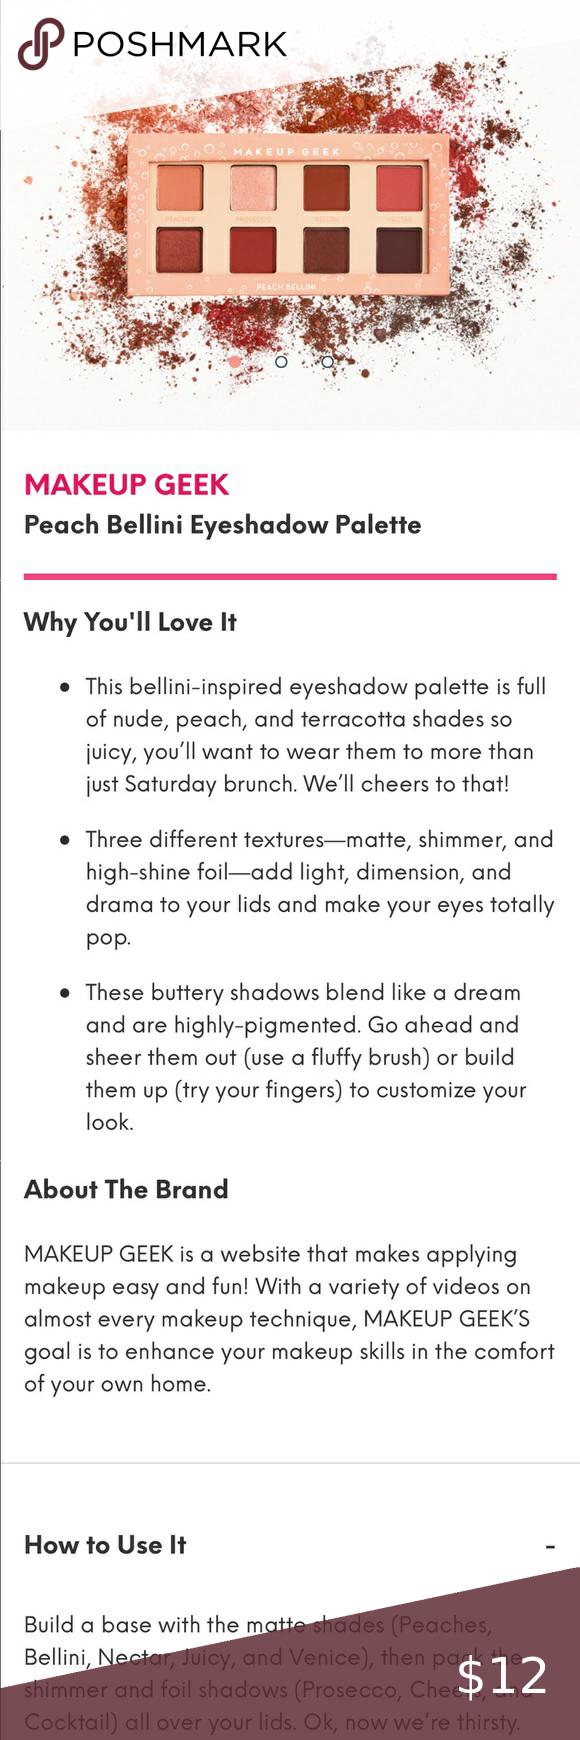 Makeup Geek Peach Bellini Eyeshadow Palette New From Ipsy